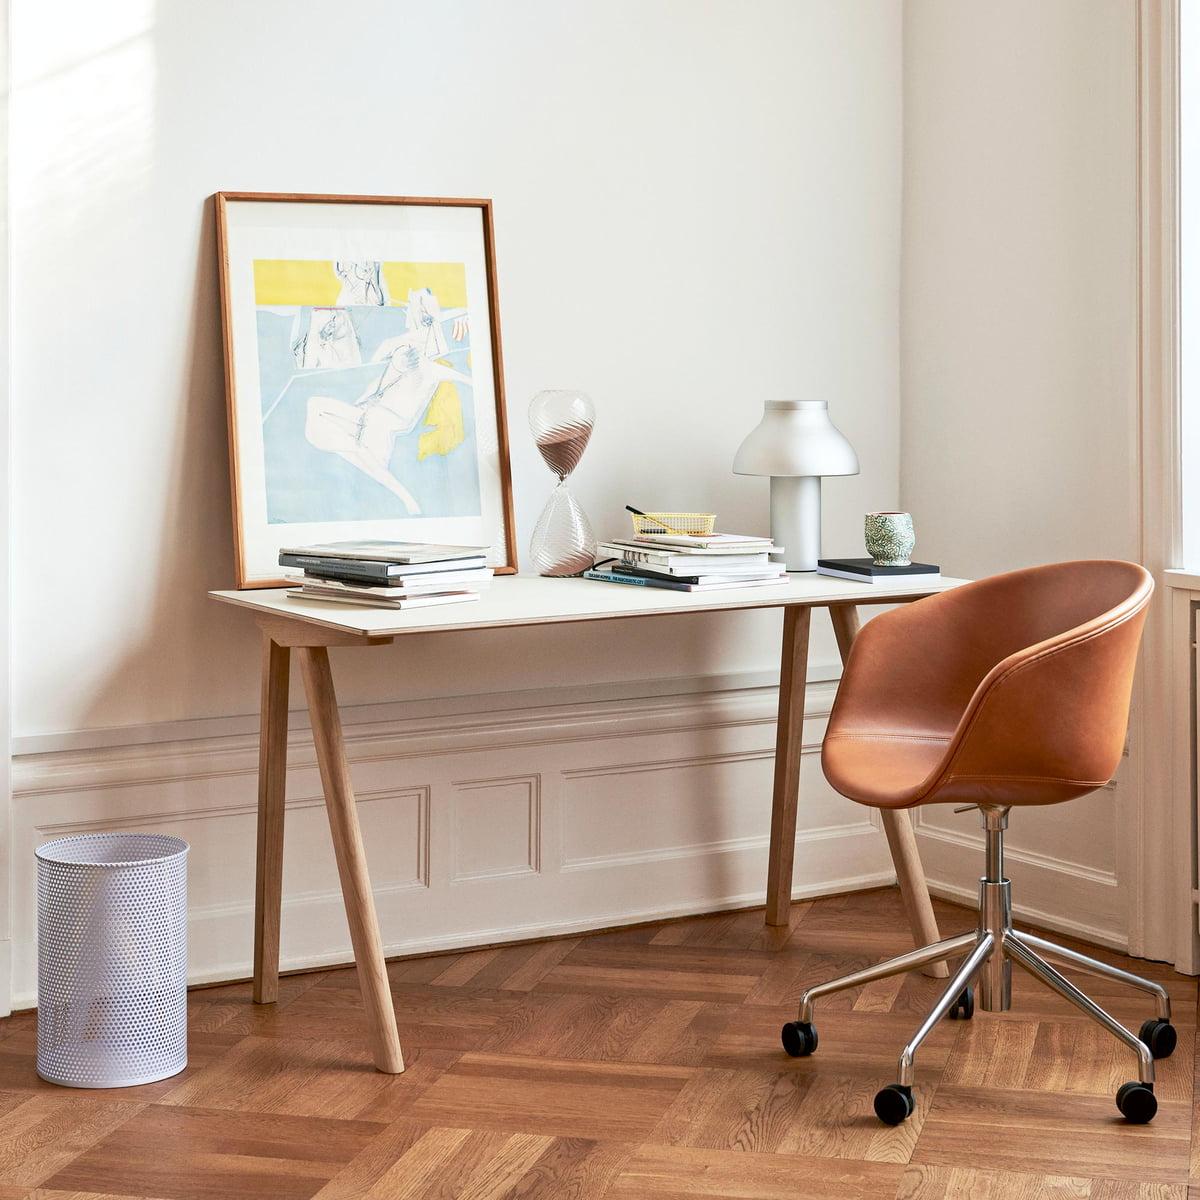 Hay Copenhague Cph90 Schreibtisch 130 X 65 Cm Eiche Linoleum Cremeweiß Mushroom 4176